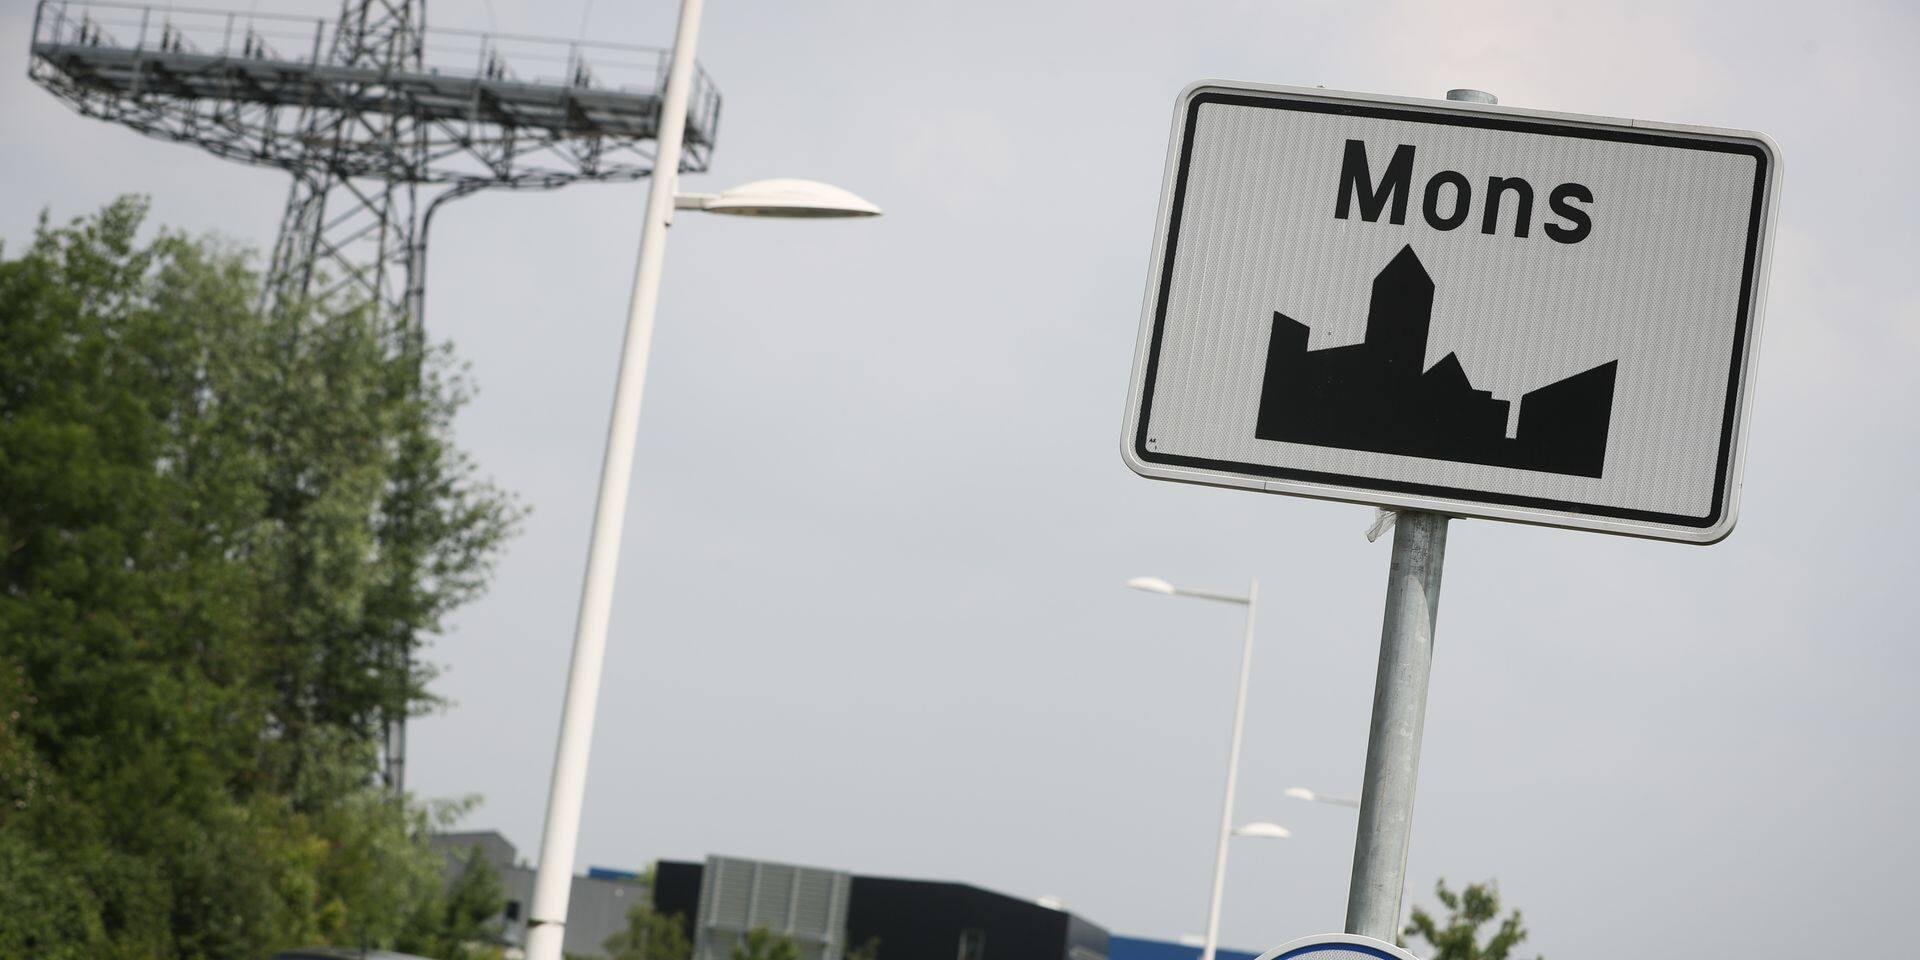 Mons, Honnelles, Quévy, Hensies, Ecaussines : ces candidats qui voyagent